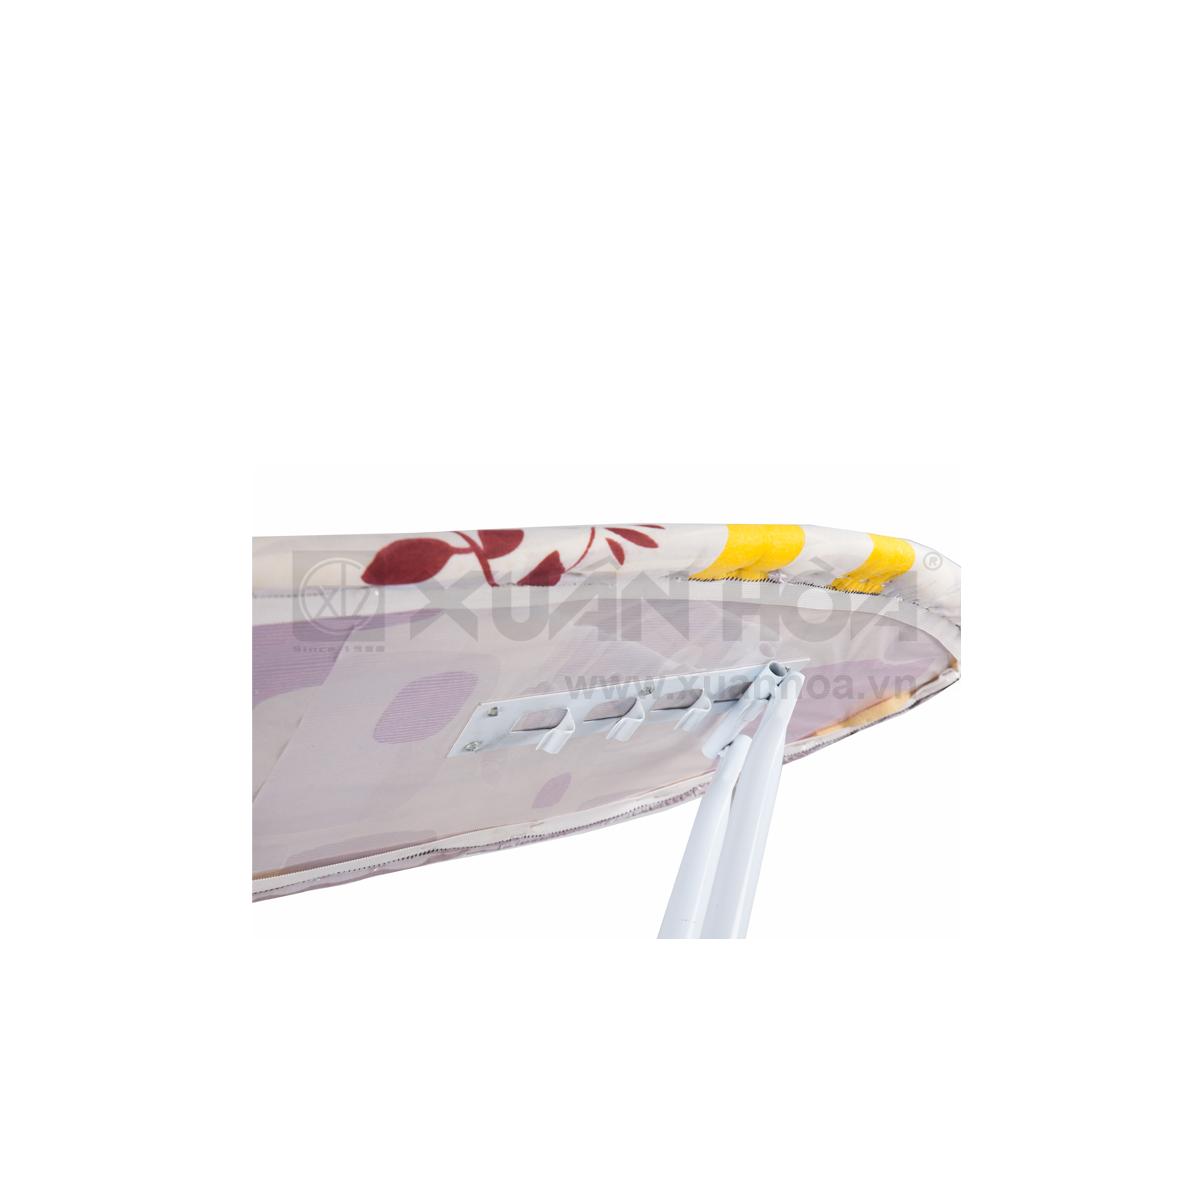 Cầu là sơn CLM-02-01-2